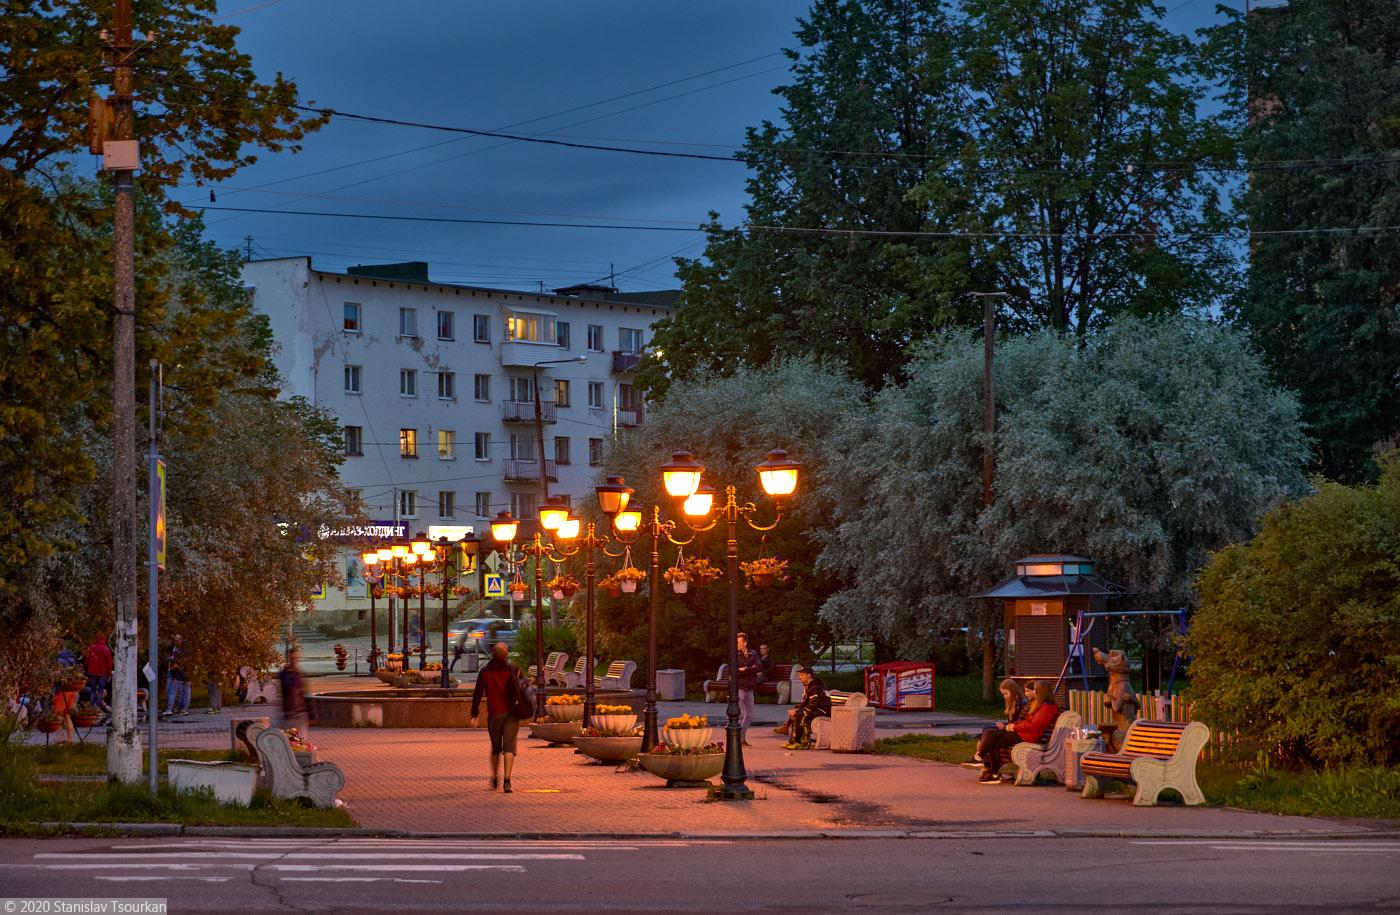 Сортавала, Карелия, республика Карелия, вечер, вечер в городе, площадь Кирова, сквер